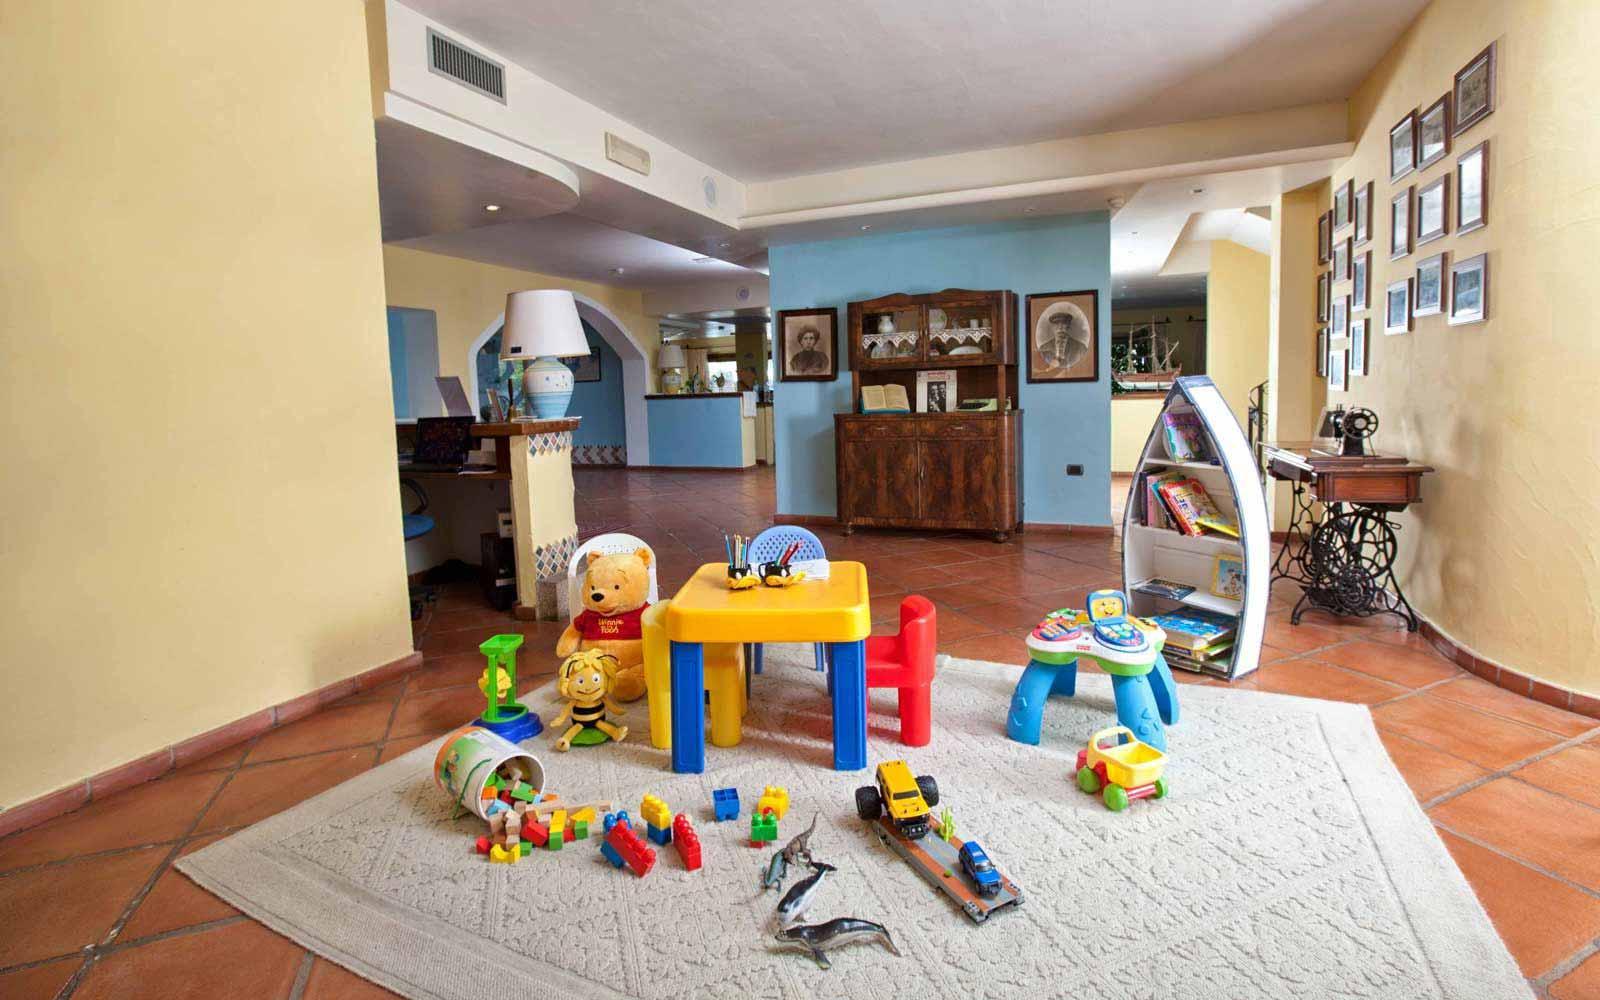 Children's play area at Hotel La Funtana